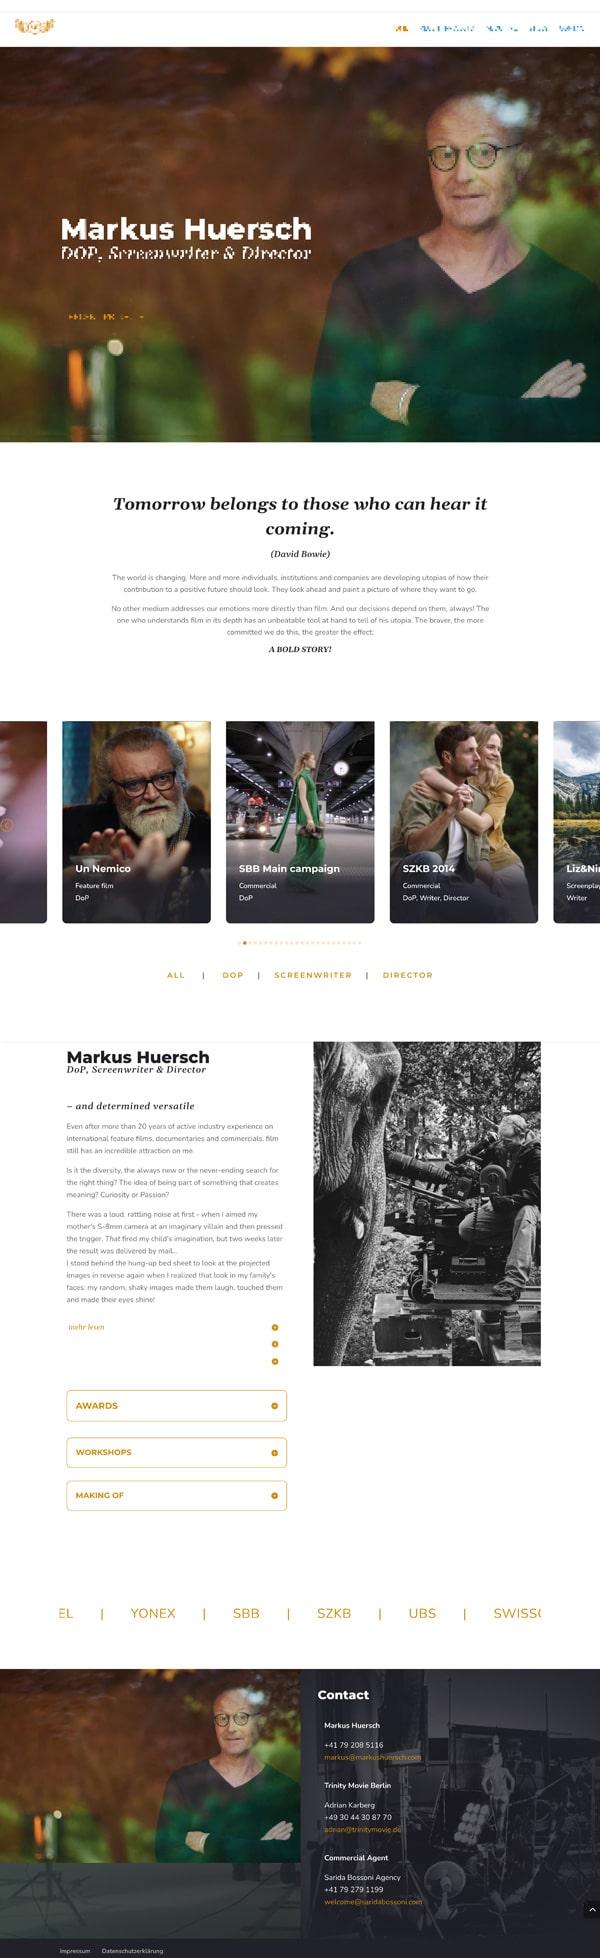 Markus Huersch Website-Branding